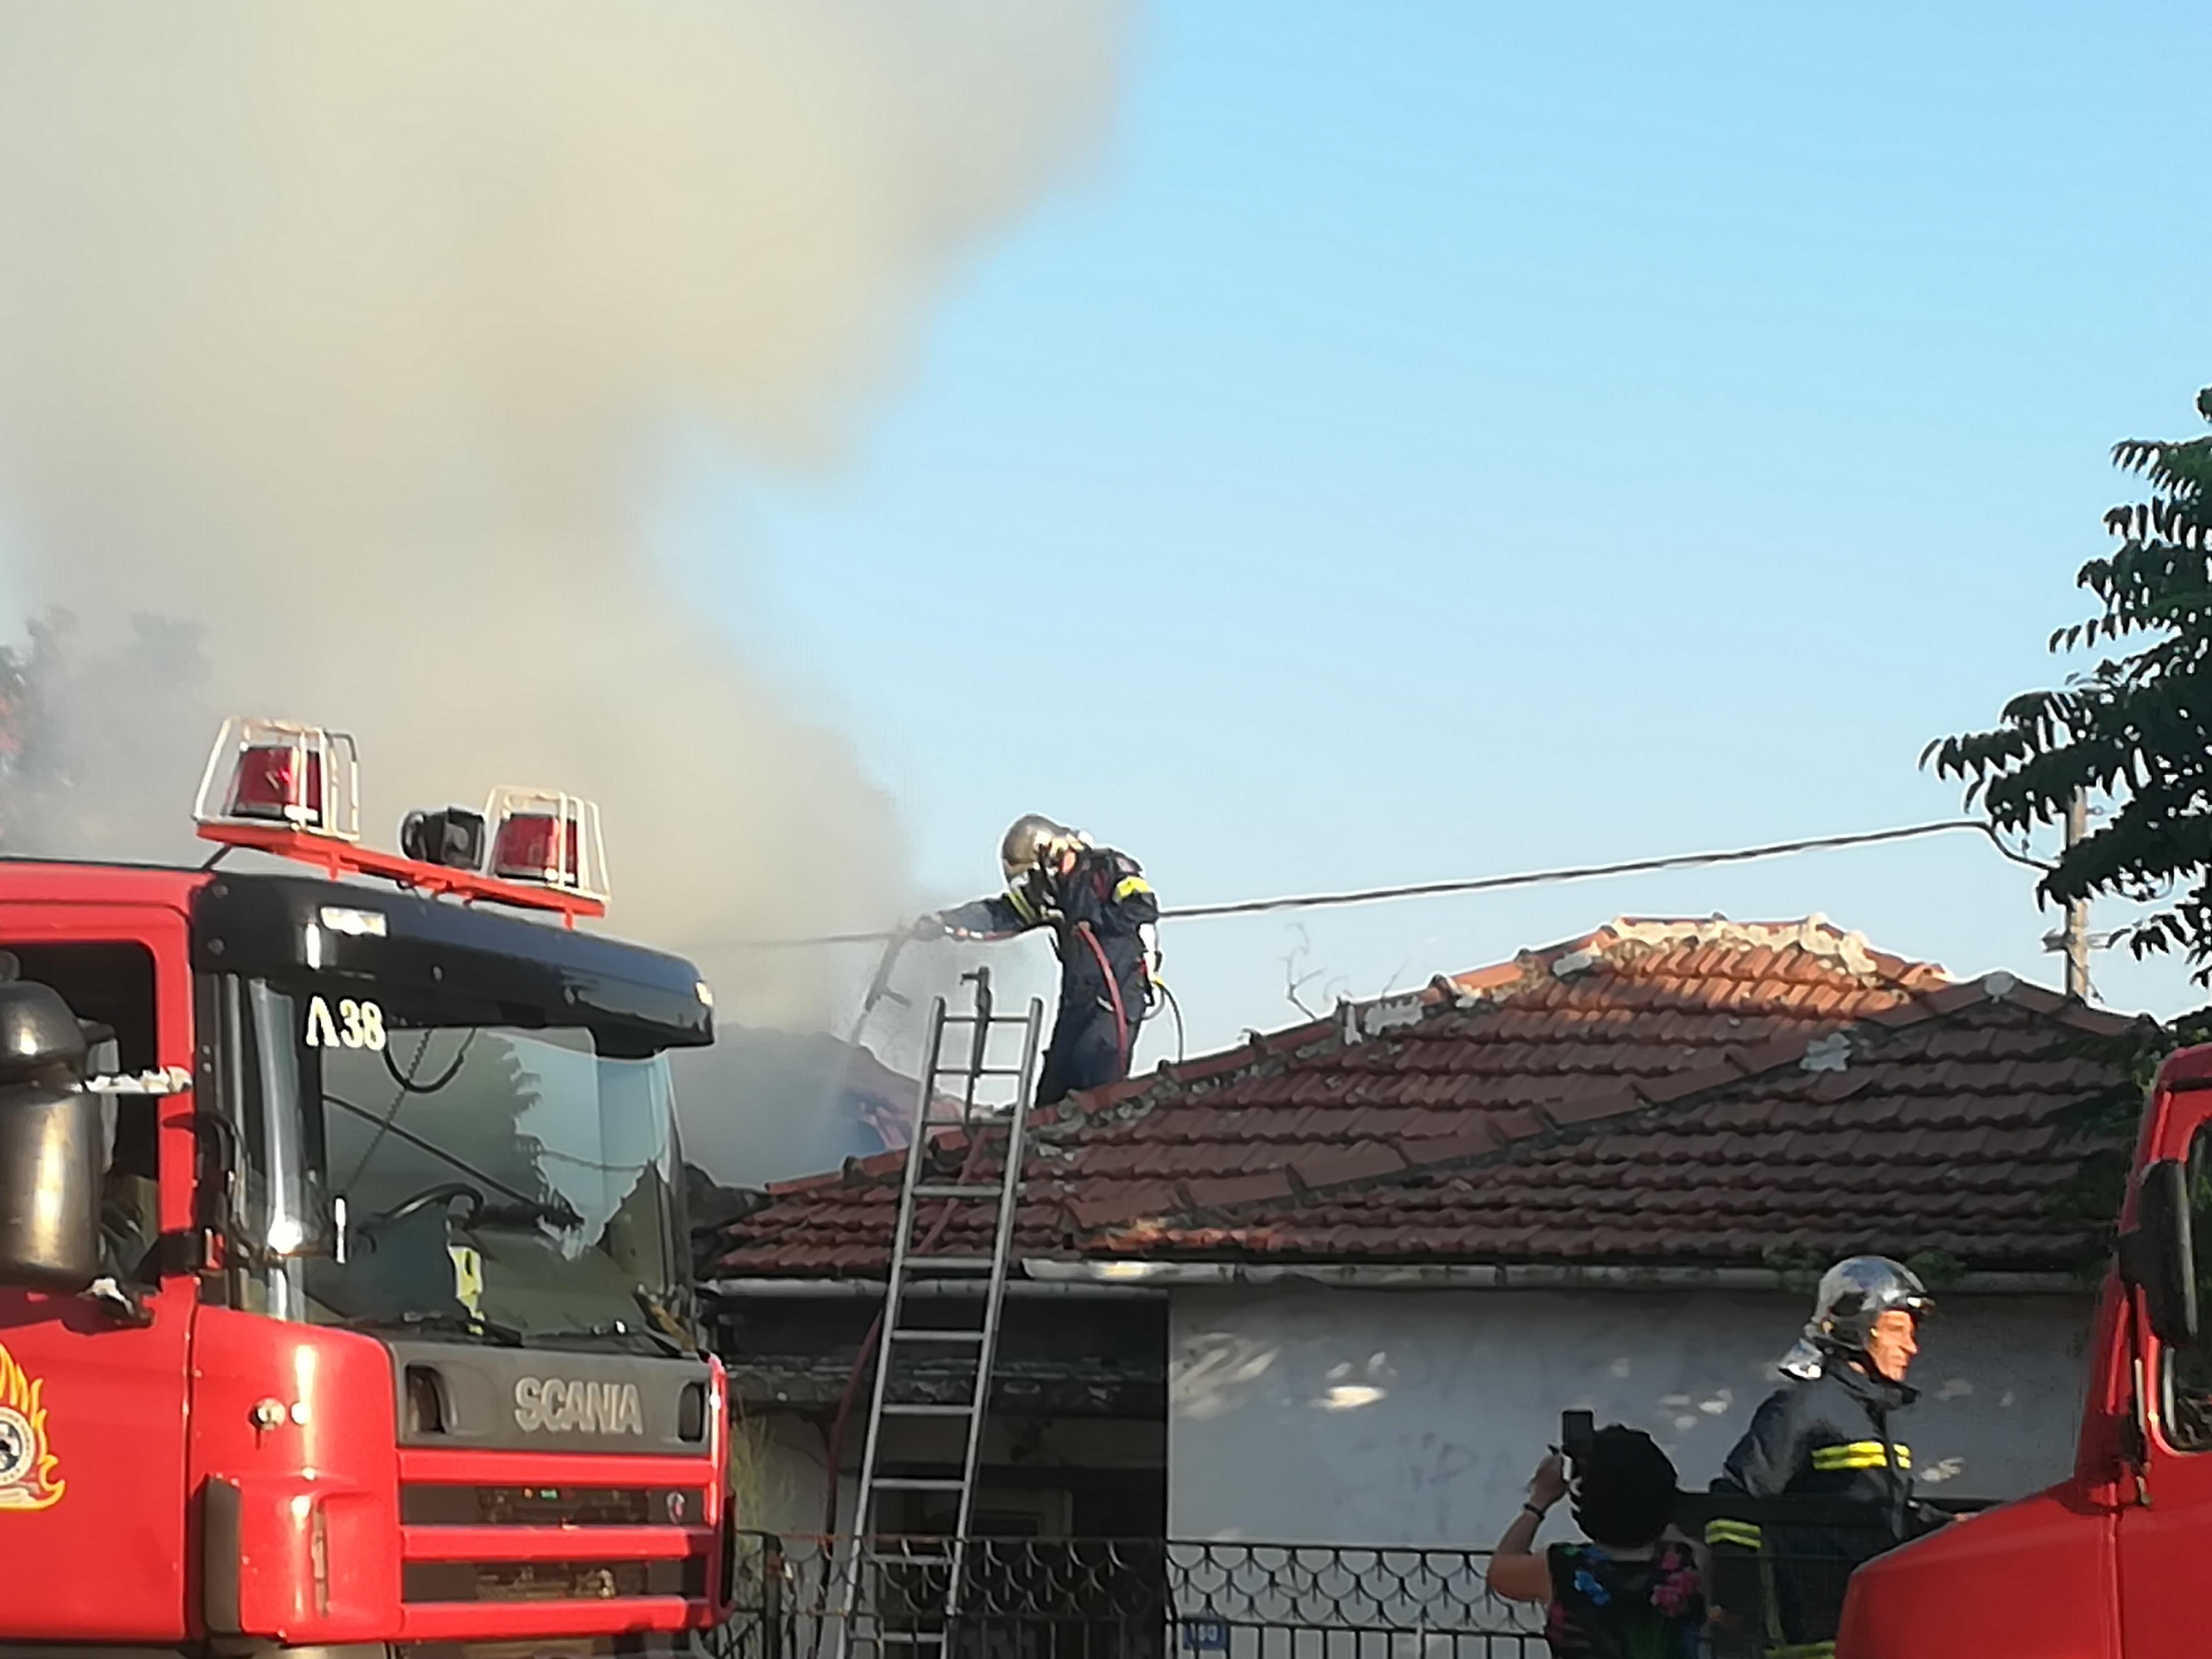 Συναγερμός  στην Πυροσβεστική- Στις φλόγες τυλίχτηκε σπίτι στον Άναυρο